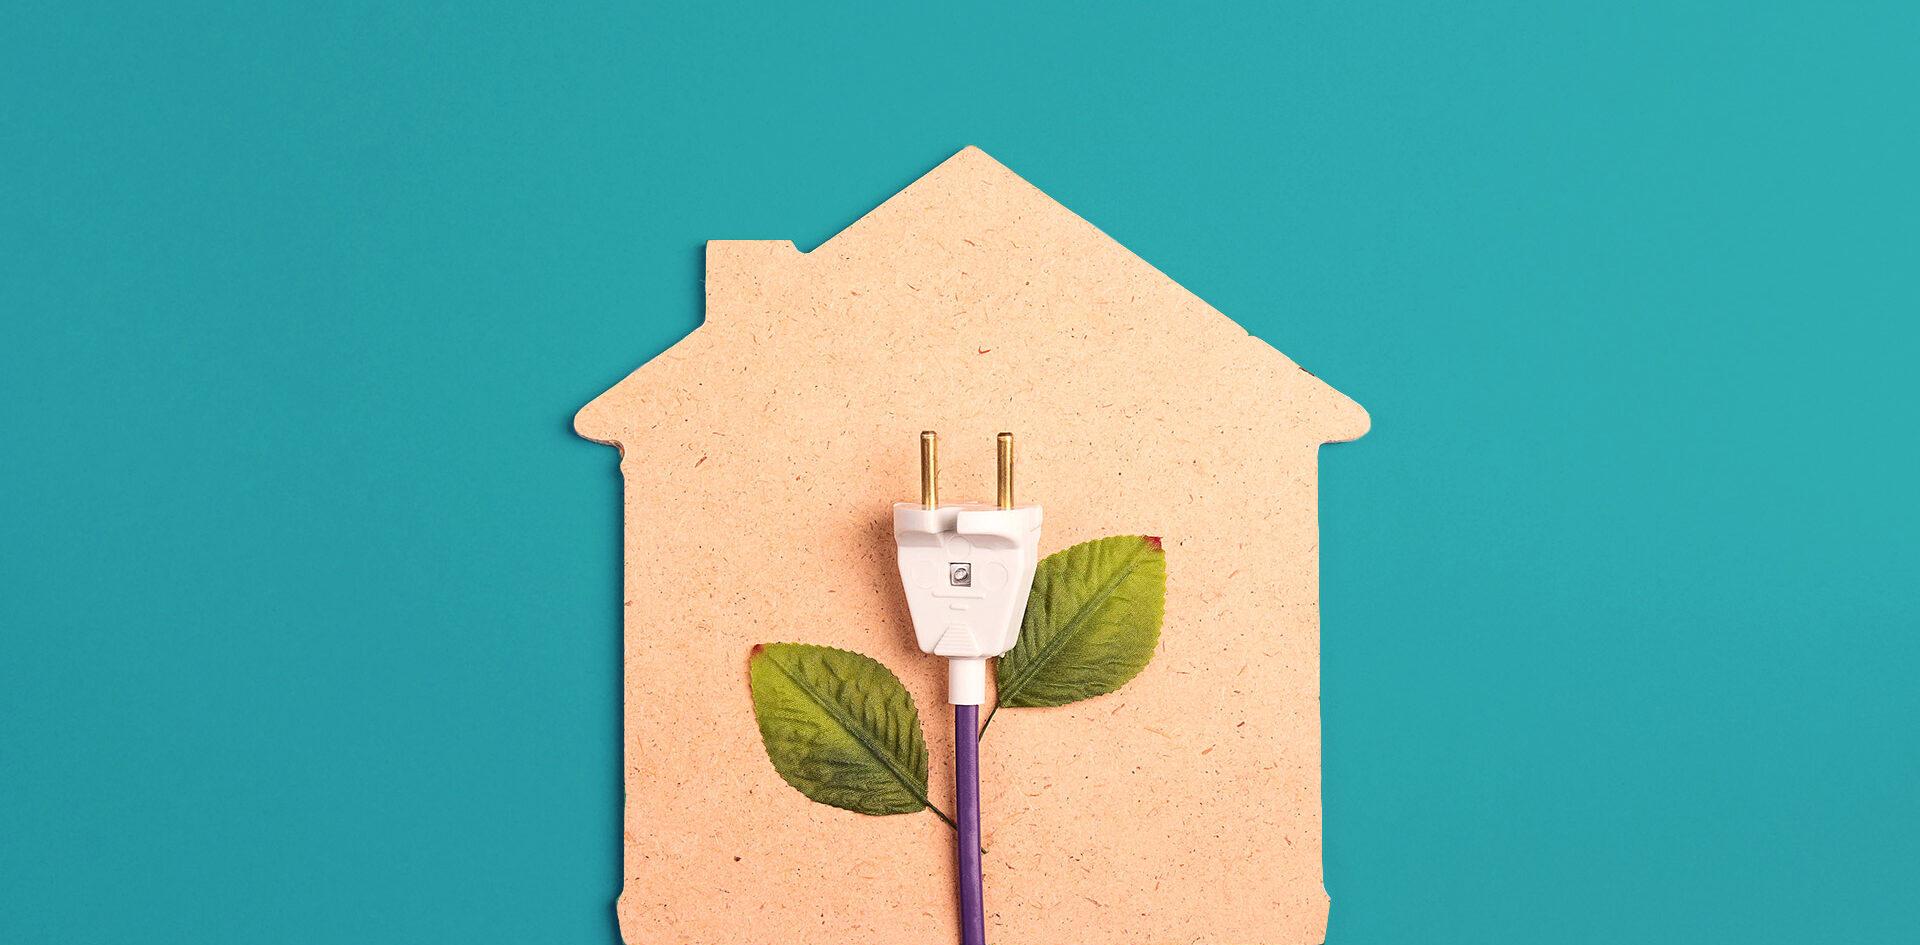 bbva_eficiencia-energética-sostenibilidad-hogares